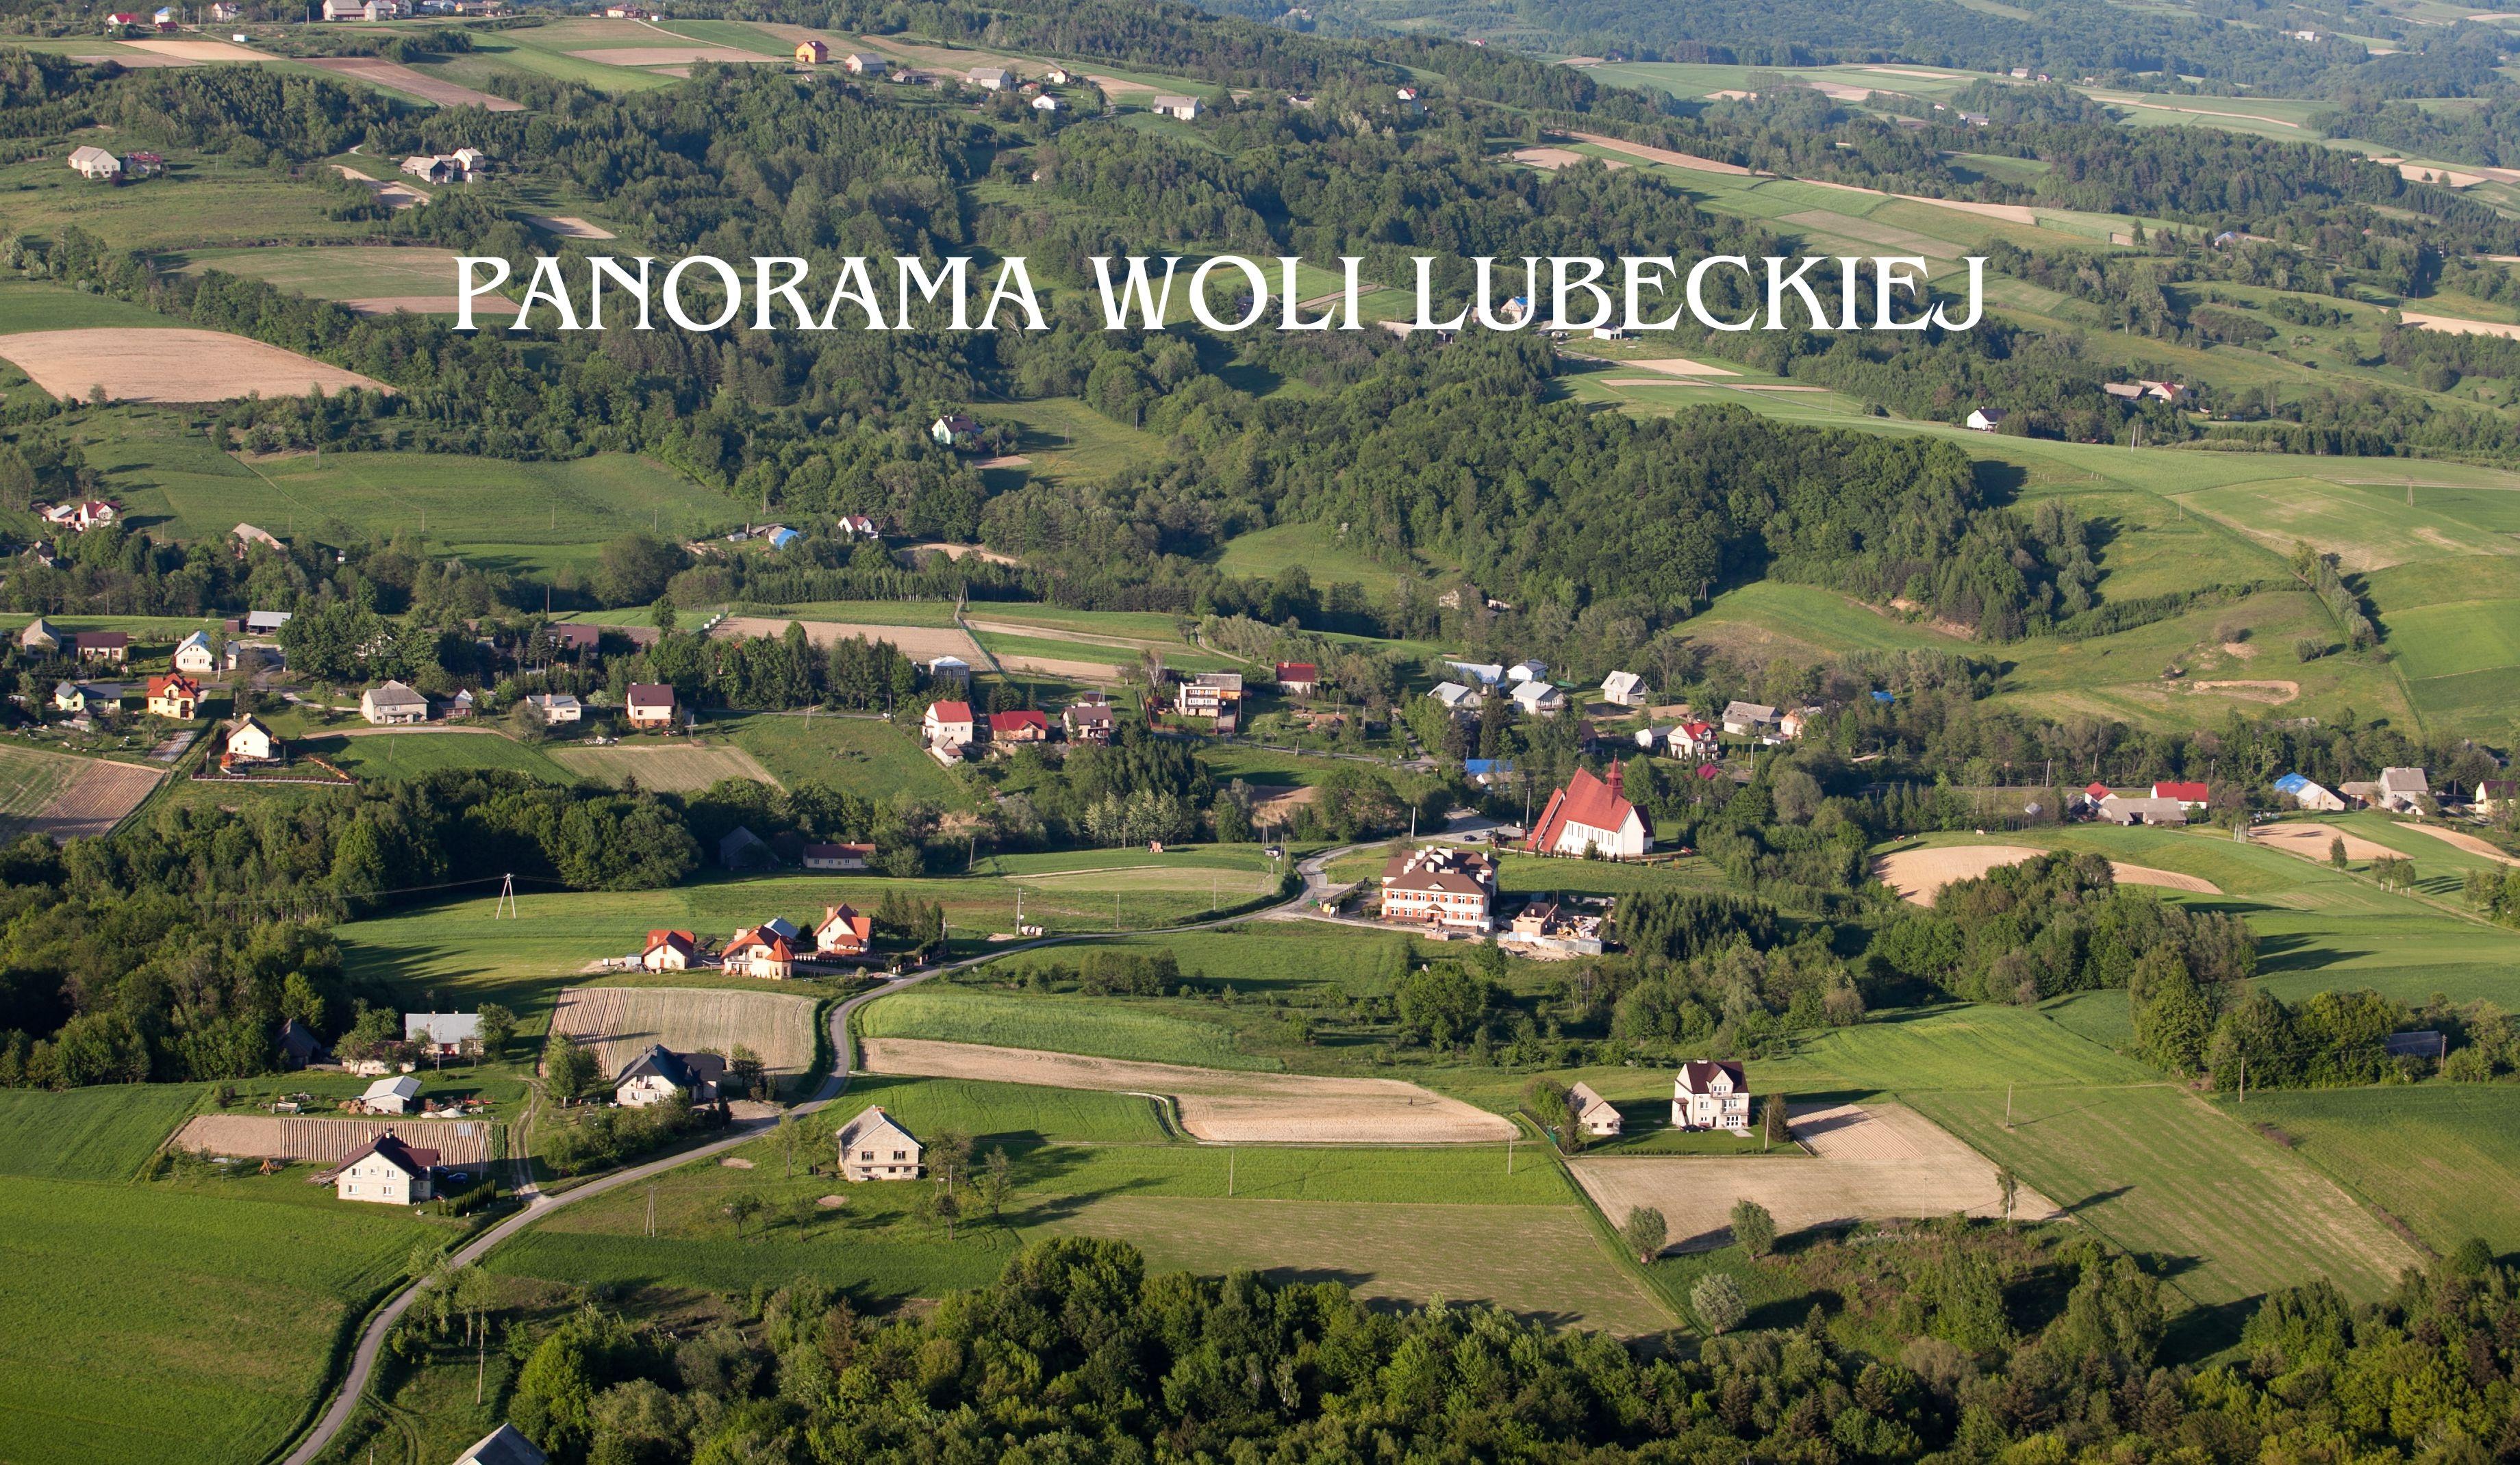 Panorama Woli Lubeckiej